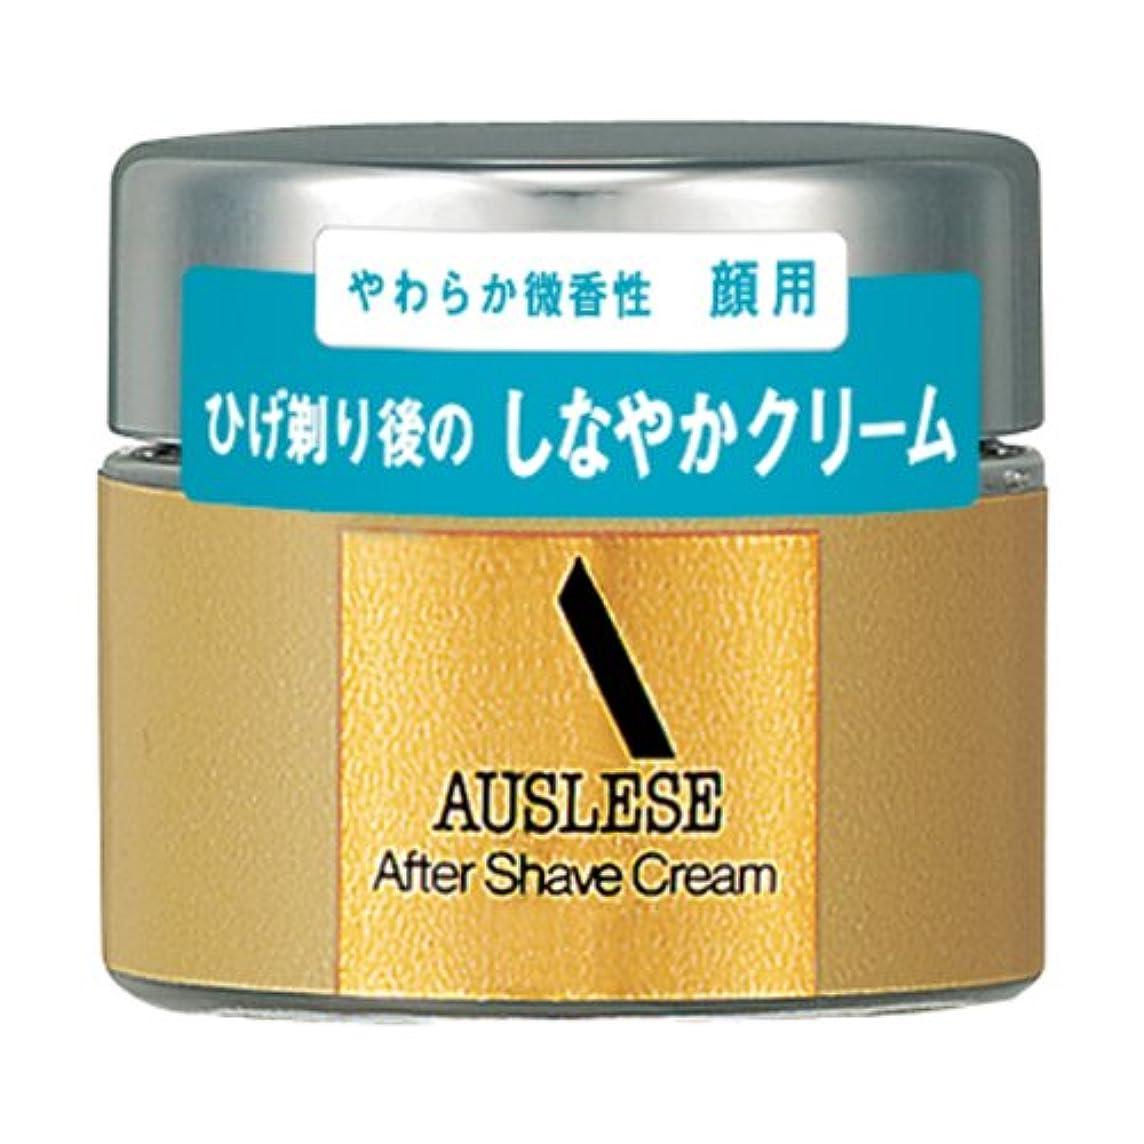 アコード節約する剣アウスレーゼ アフターシェーブクリームNA 30g 【医薬部外品】